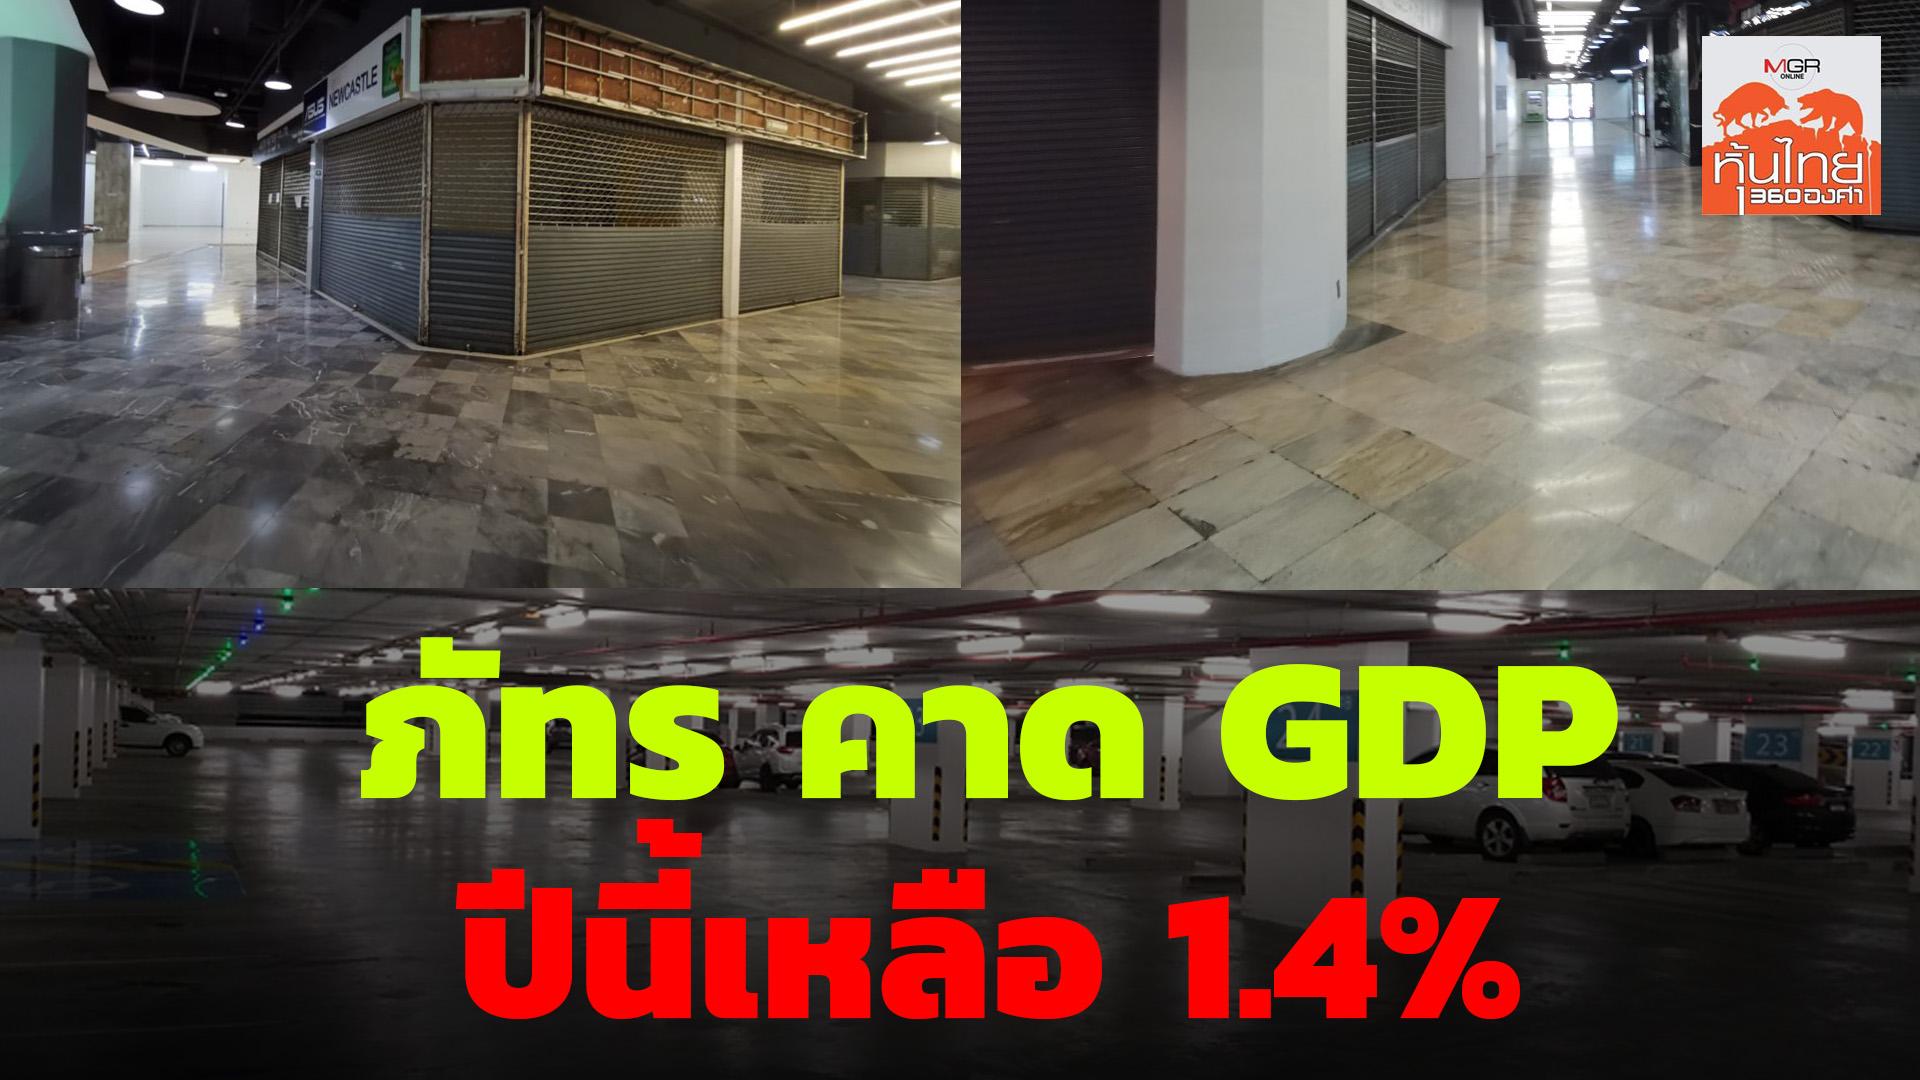 บล. ภัทรปรับลดคาดการณ์การเติบโต GDP ปีนี้เหลือ 1.4%